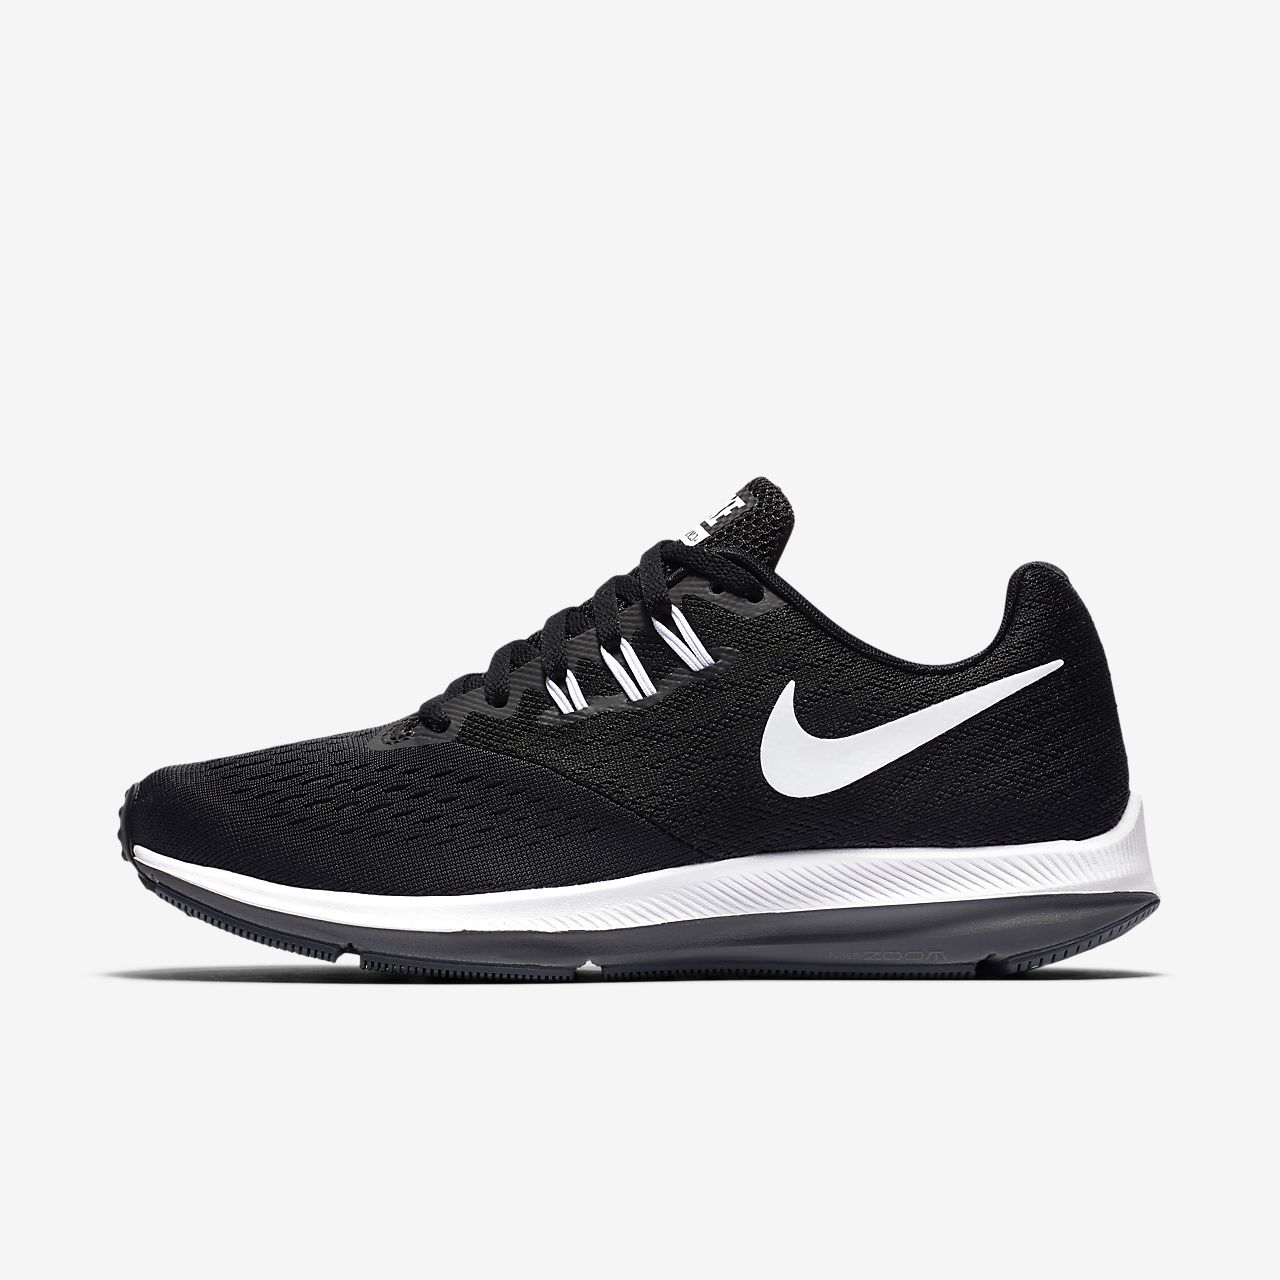 Nike Zoom Scarpe Da Corsa UK 8